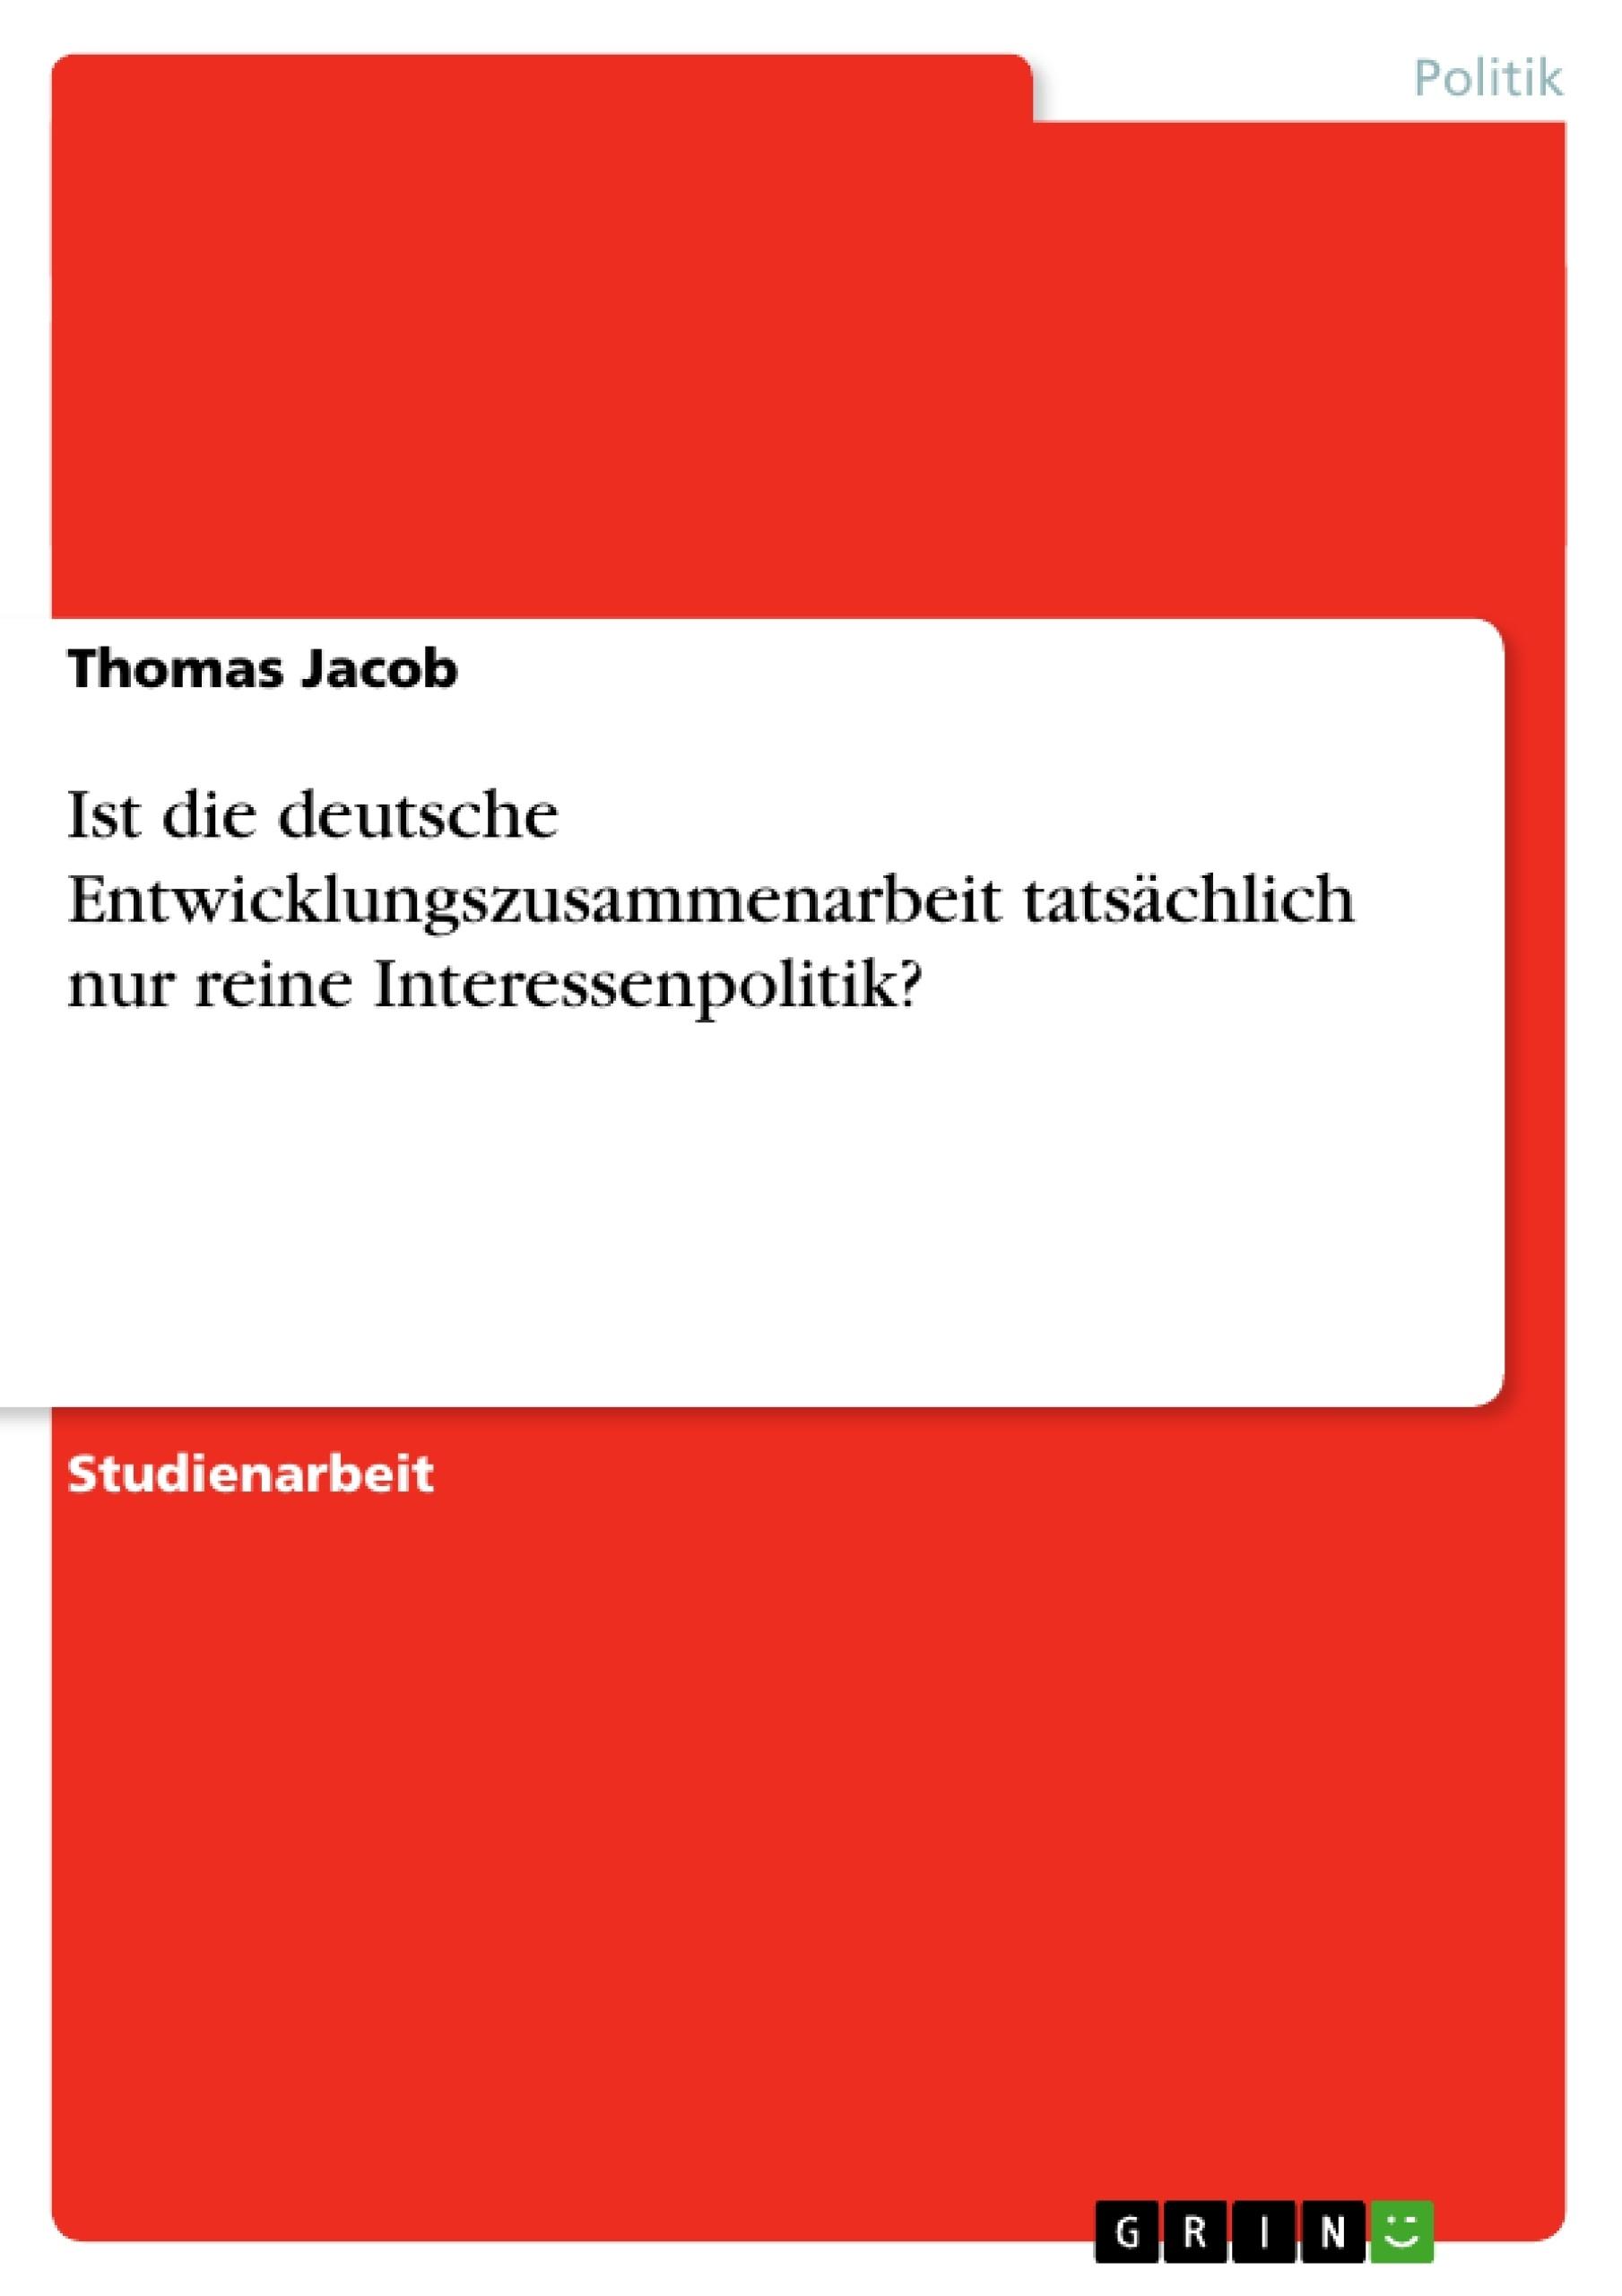 Titel: Ist die deutsche Entwicklungszusammenarbeit tatsächlich nur reine Interessenpolitik?